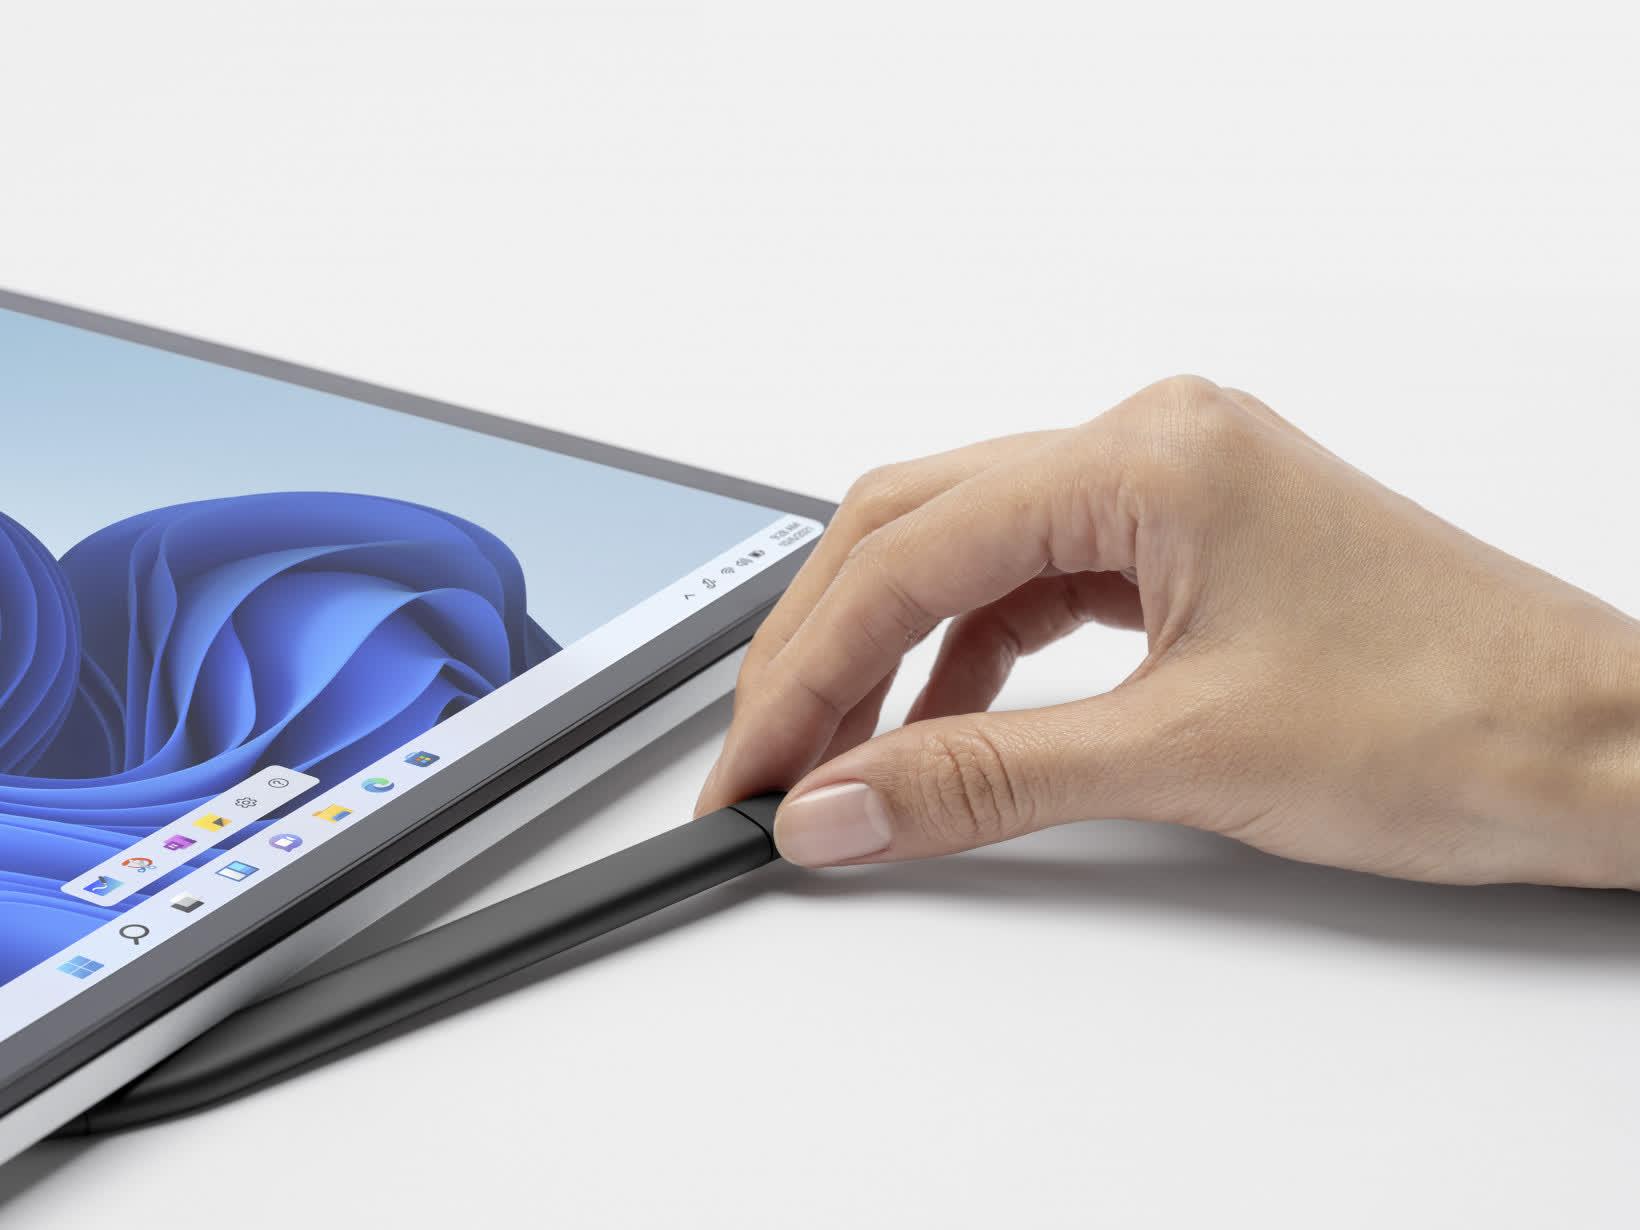 1632339909 806 Microsoft devoile Surface Laptop Studio sa Surface la plus audacieuse